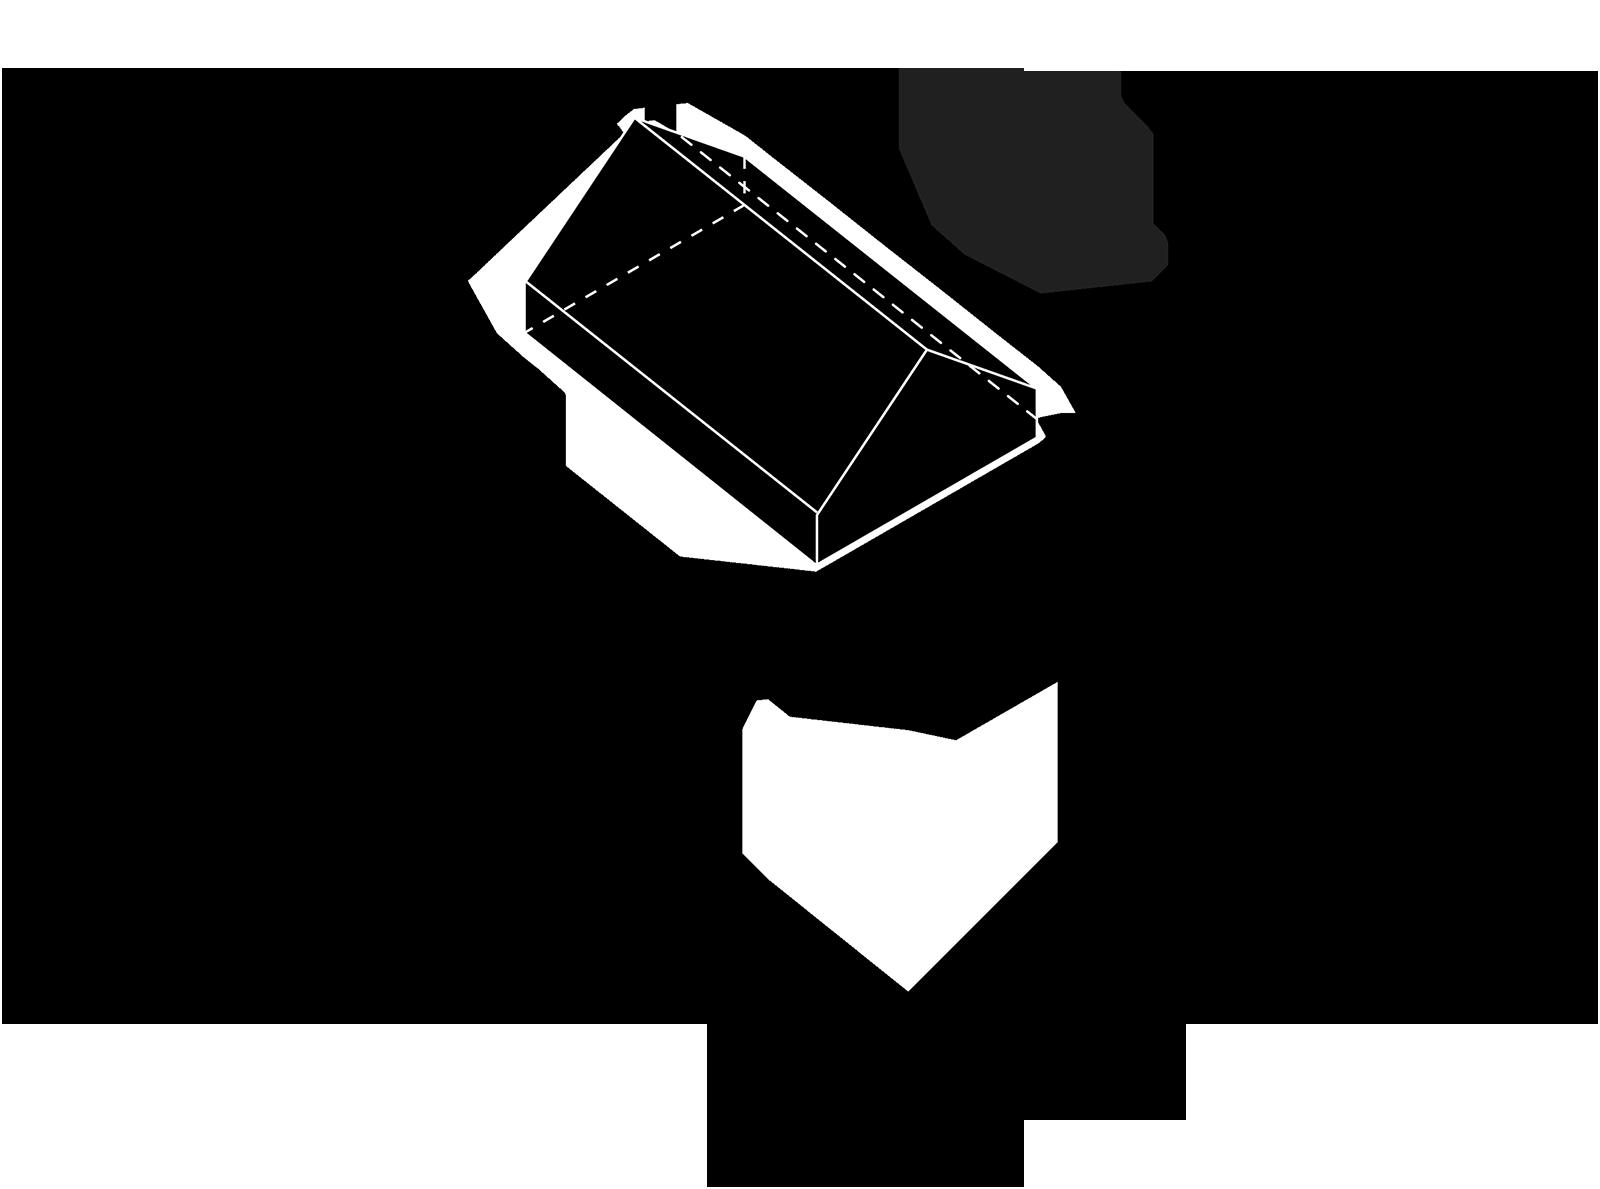 MLC-ZLO-dom-AXO-schmat-b-04-1600px